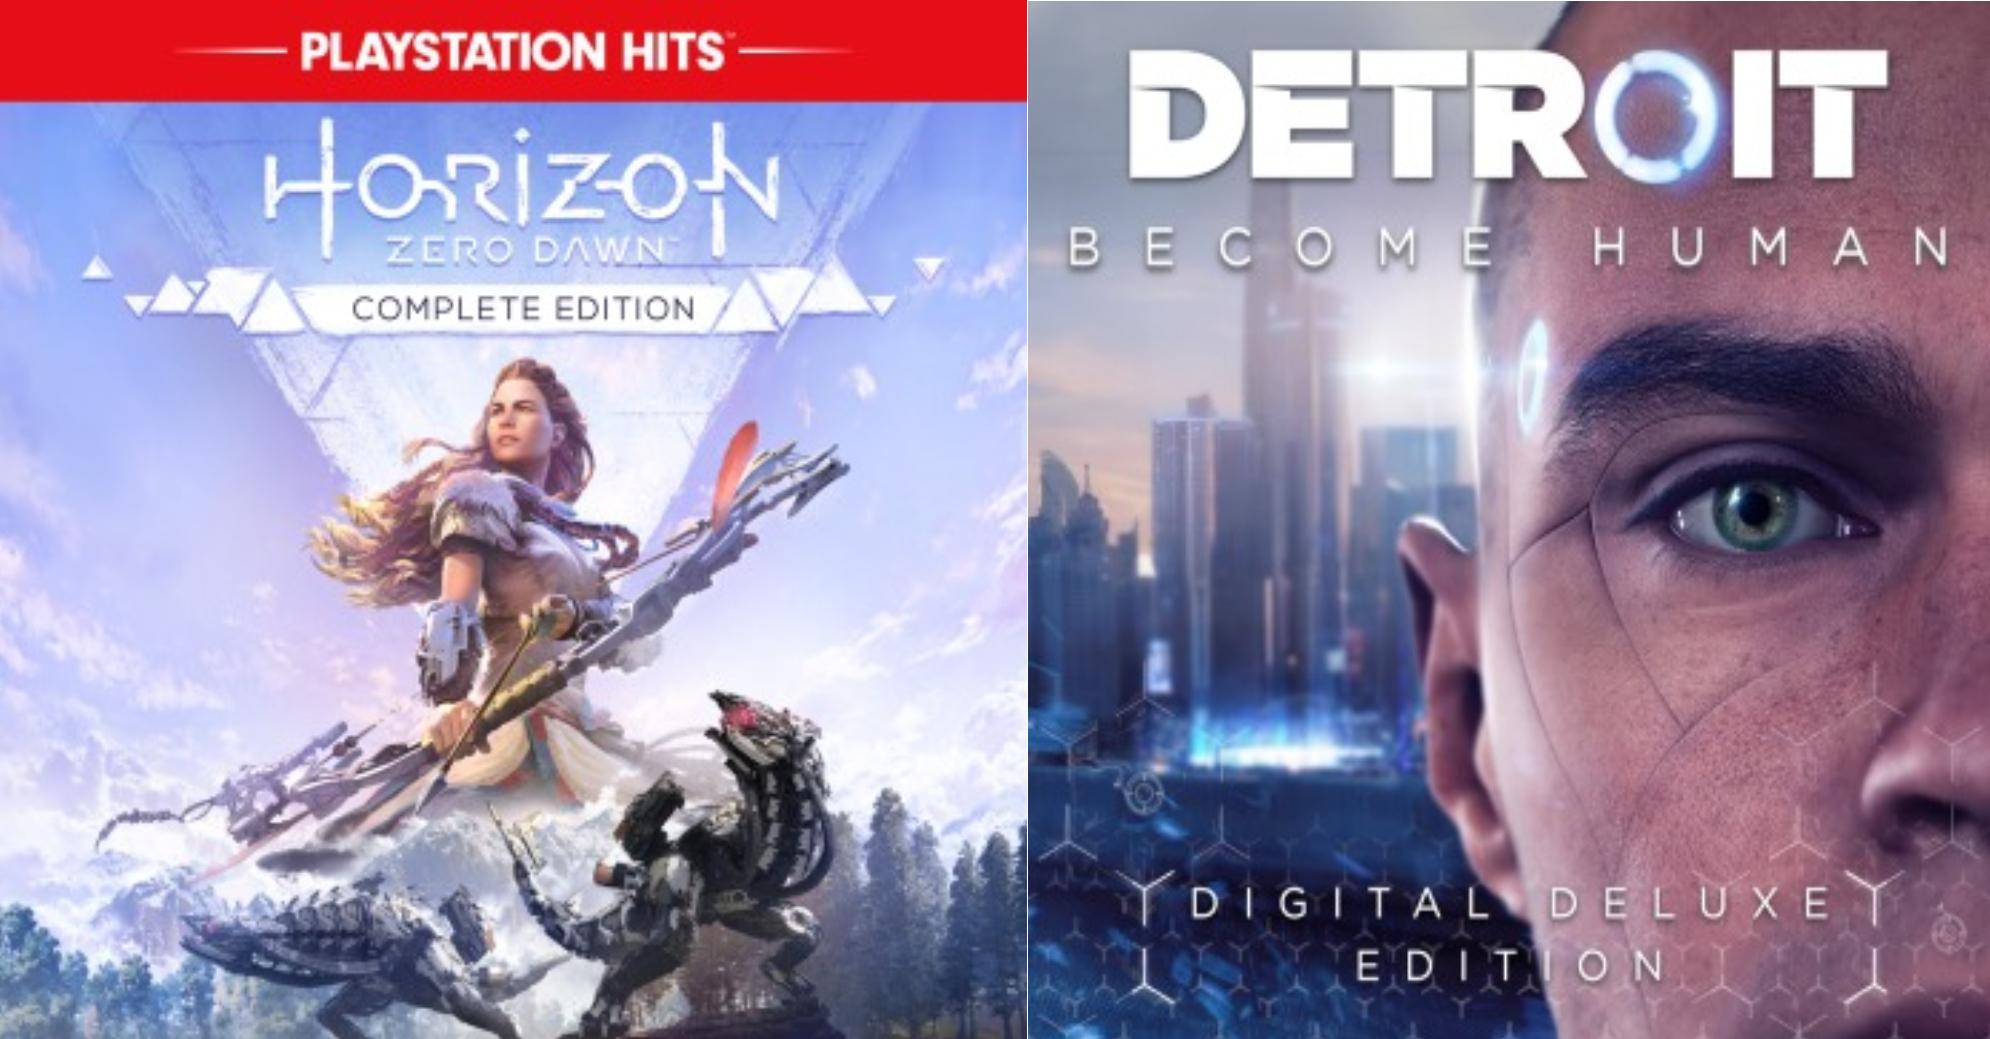 Horizon Zero Dawn Complete Edition ou Detroit: Become Human - Édition Deluxe numérique sur PS4 (Dématérialisés)